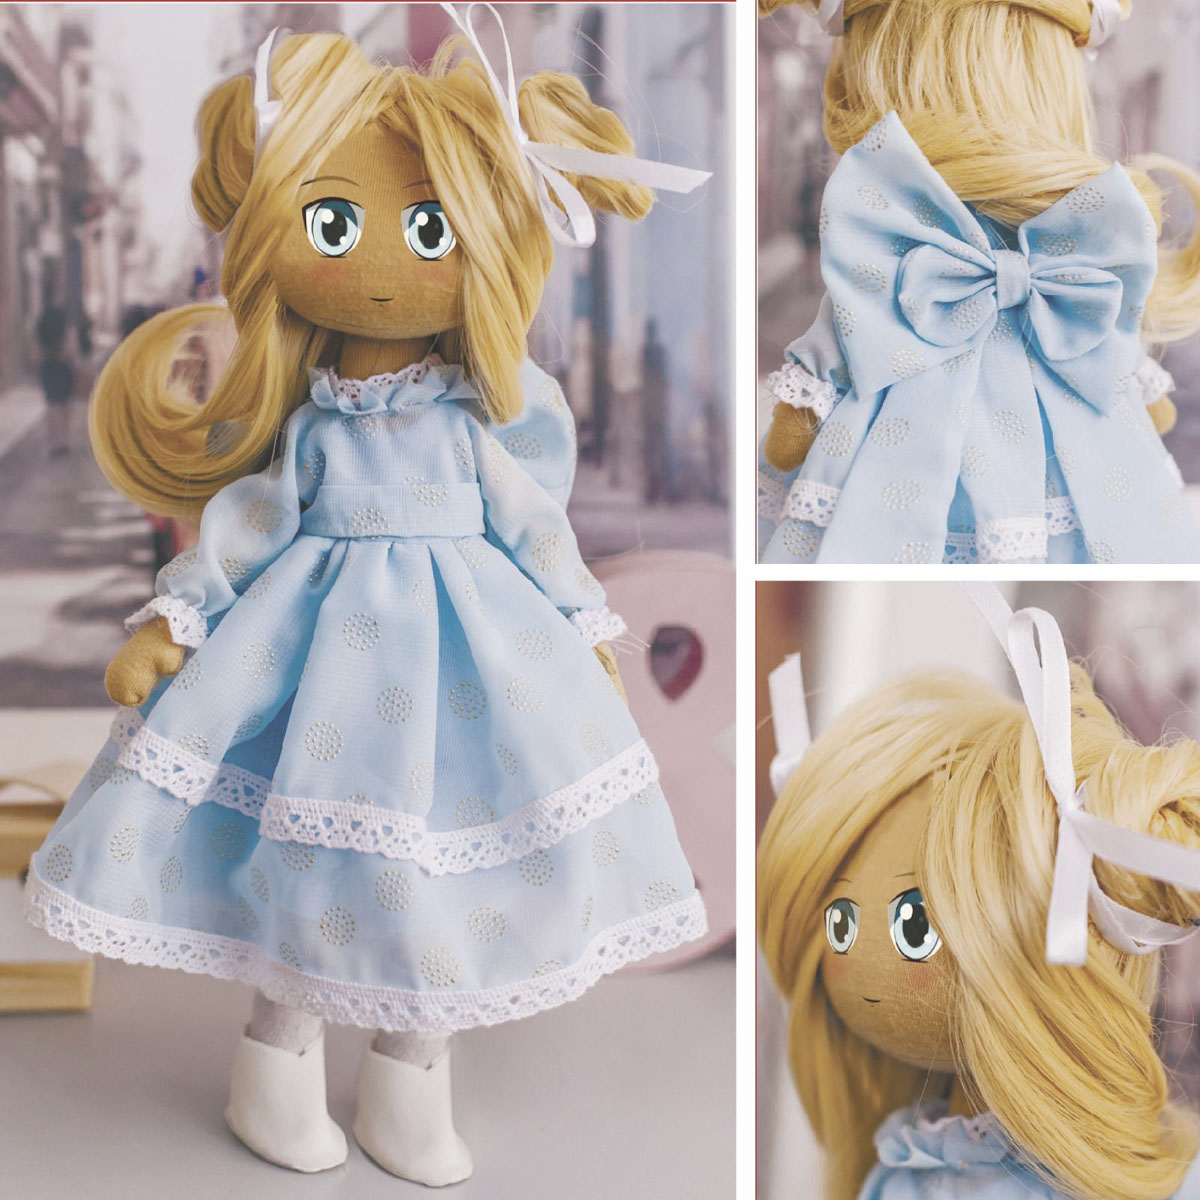 5426808 Интерьерная кукла 'Банни',набор для шитья 21*0,5*29,7 см